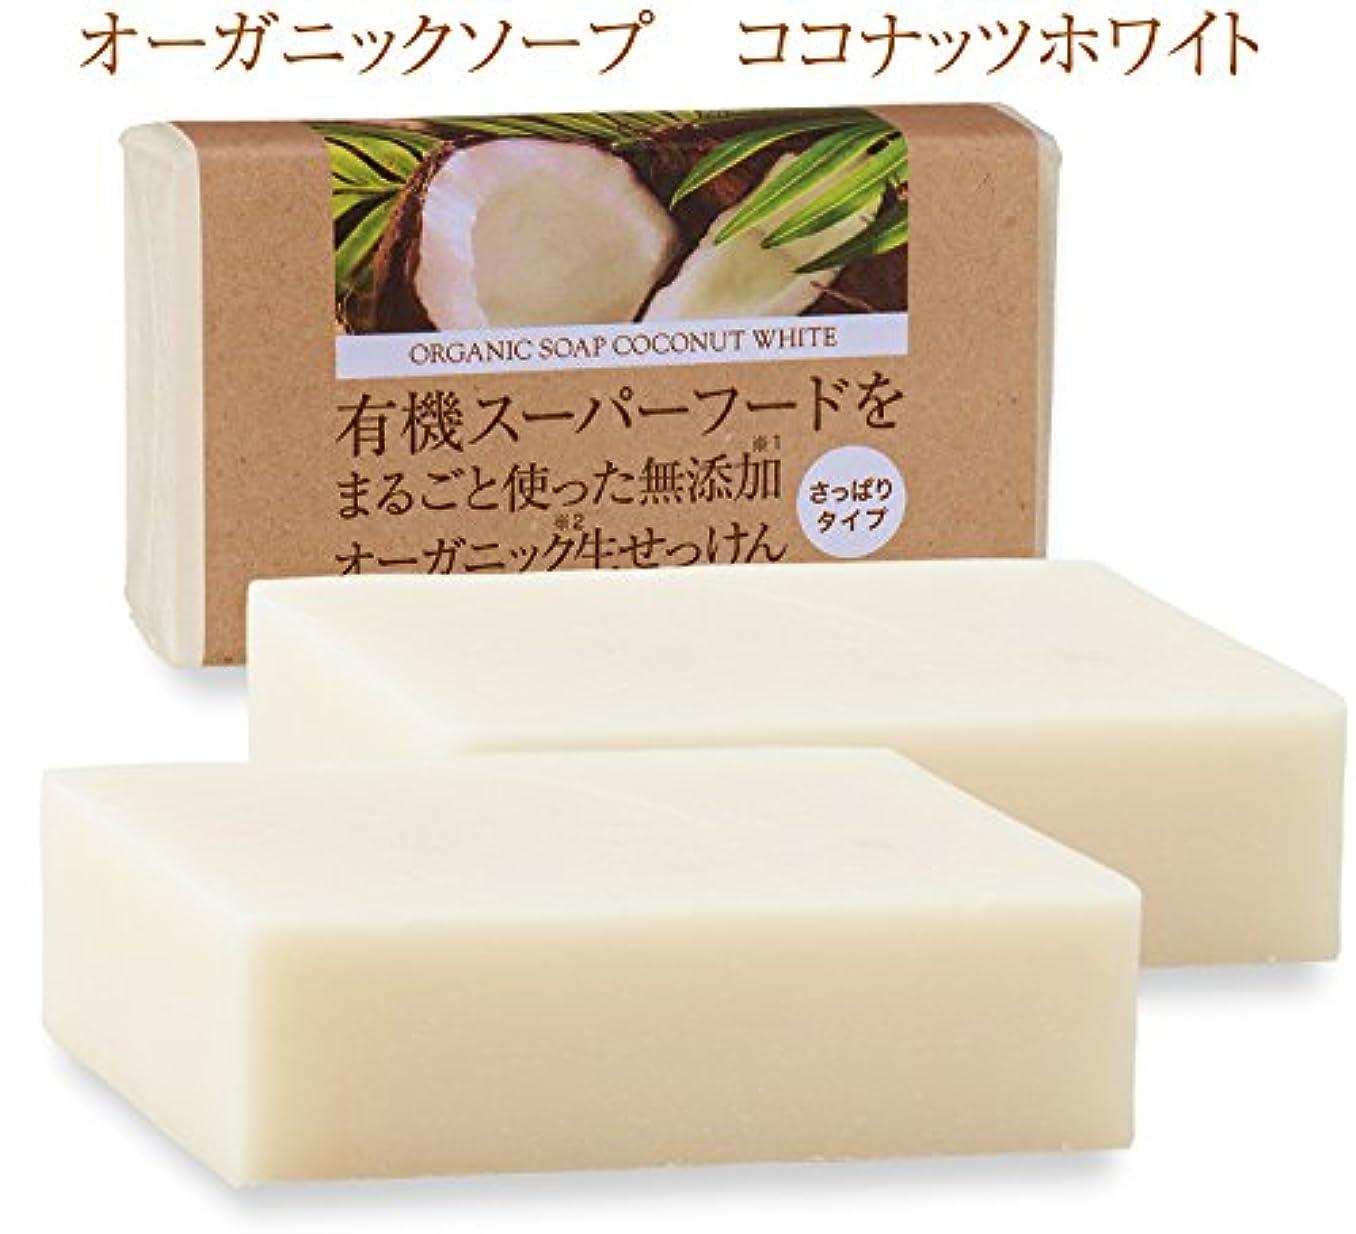 作曲家競争力のあるお風呂有機ココナッツオイルをまるごと使った無添加オーガニック生せっけん(枠練)Organic Raw Soap Coconut White 80g 2個 コールドプロセス製法 (日本製)